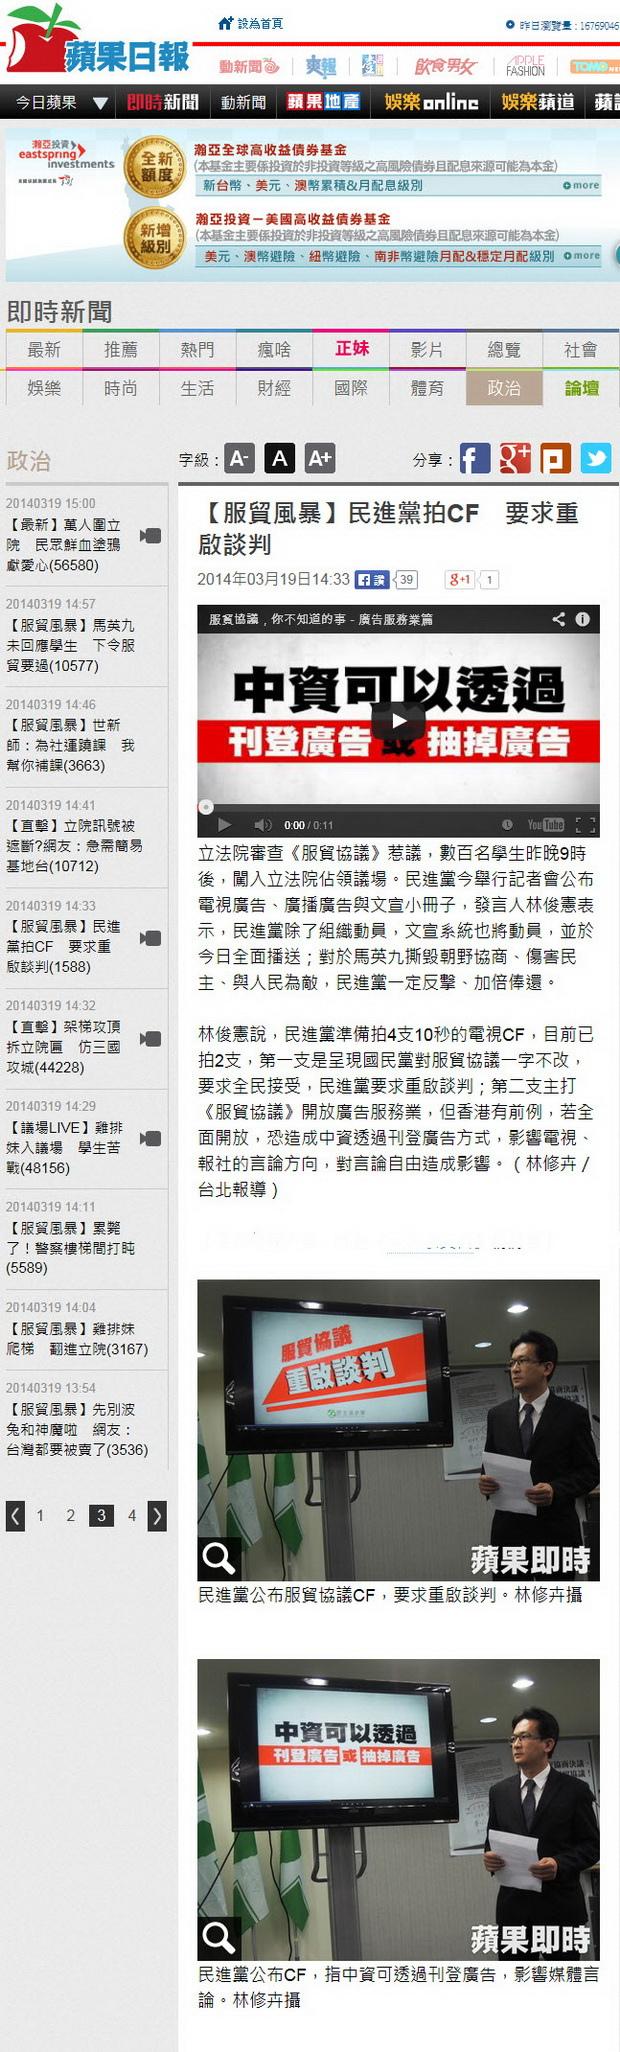 【服貿風暴】民進黨拍CF要求重啟談判  -2014.03.19.jpg